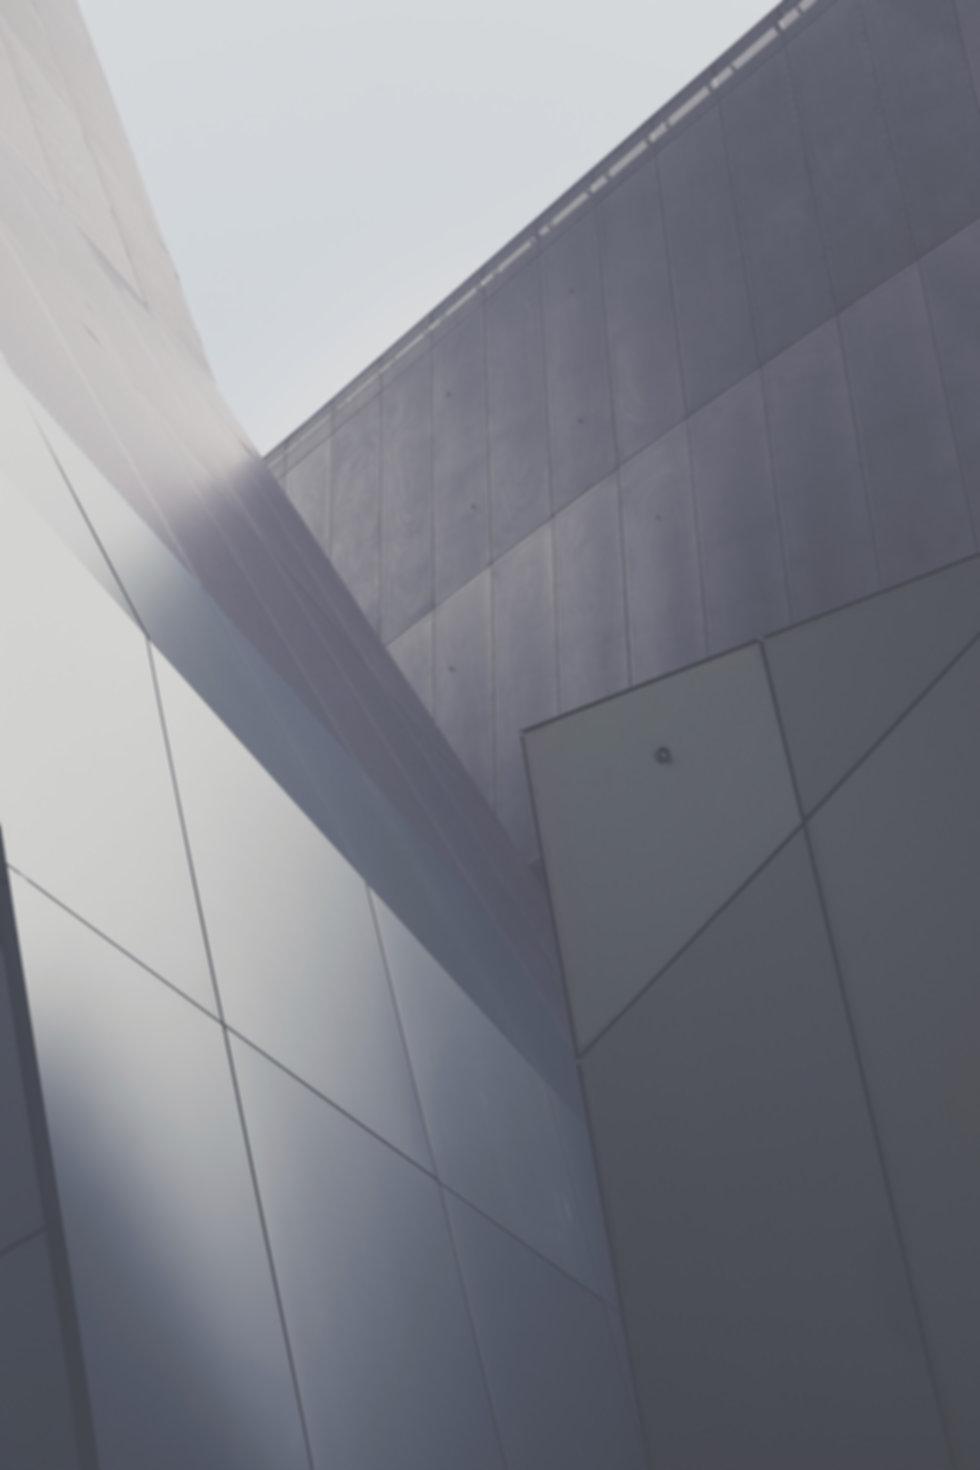 Программа для проектирования фасадов и светопрозрачных конструкций